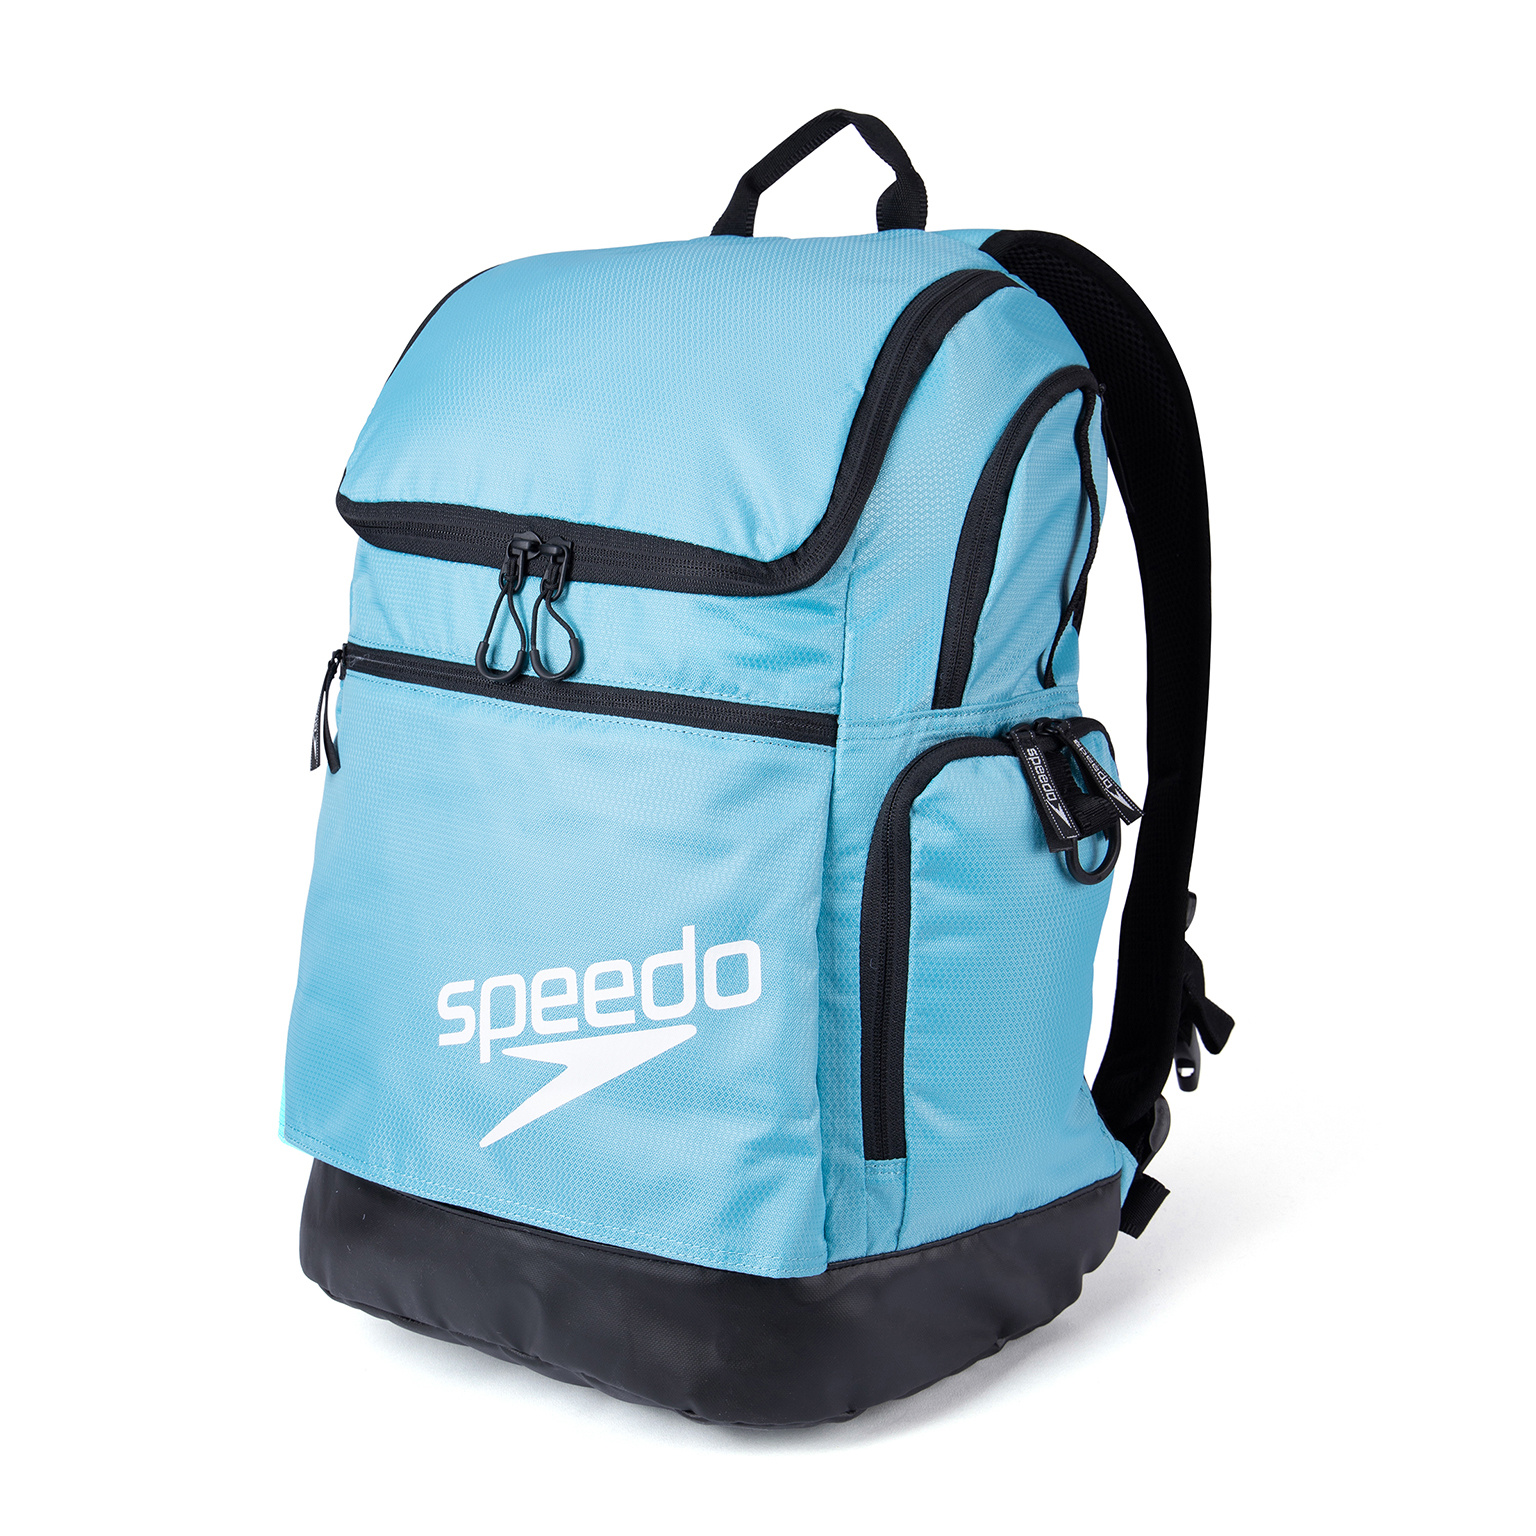 Speedo rugtas Teamster 2.0 35L blue